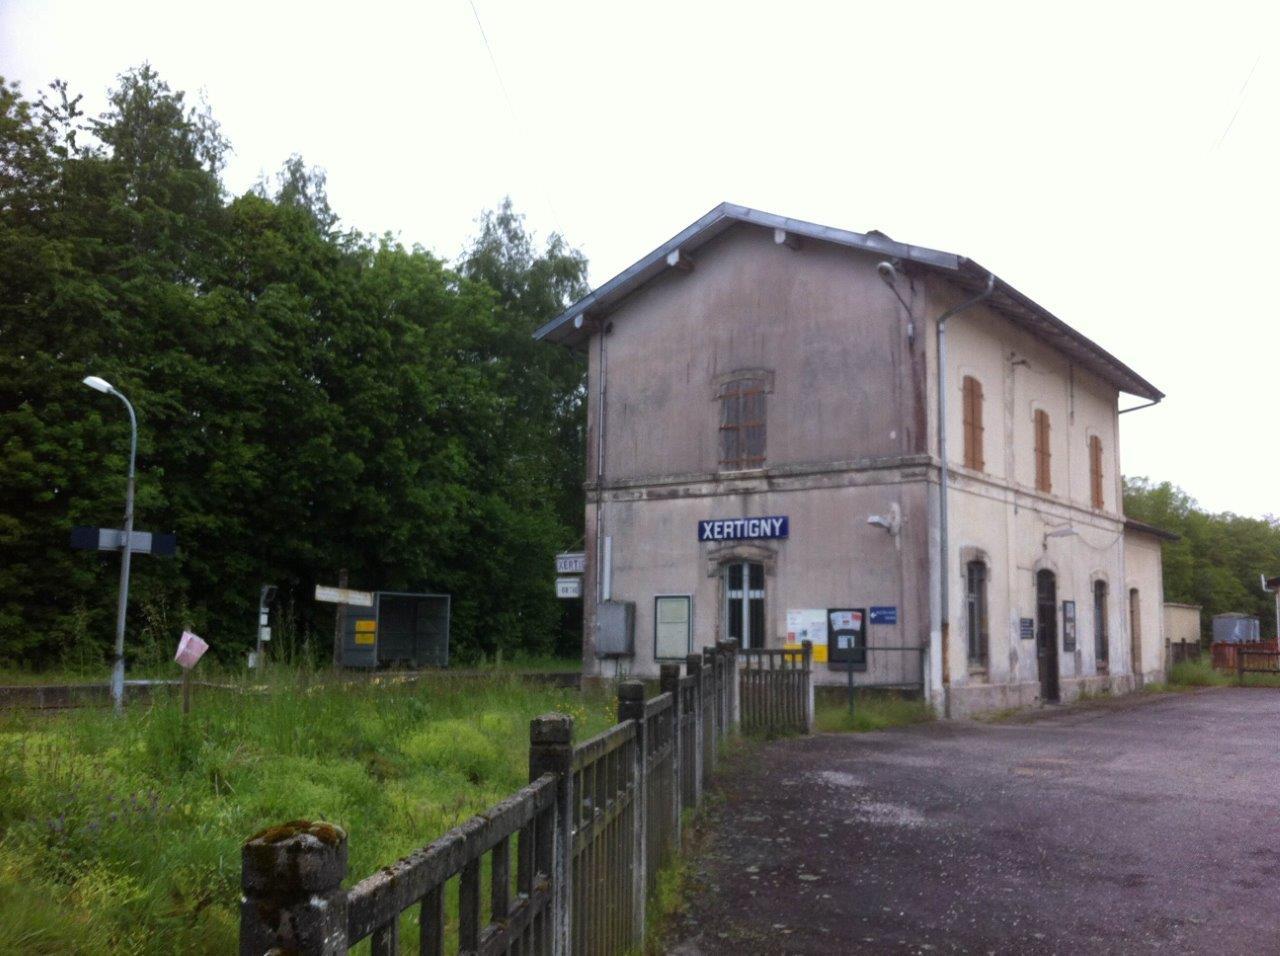 gare-de-xertigny-train-station